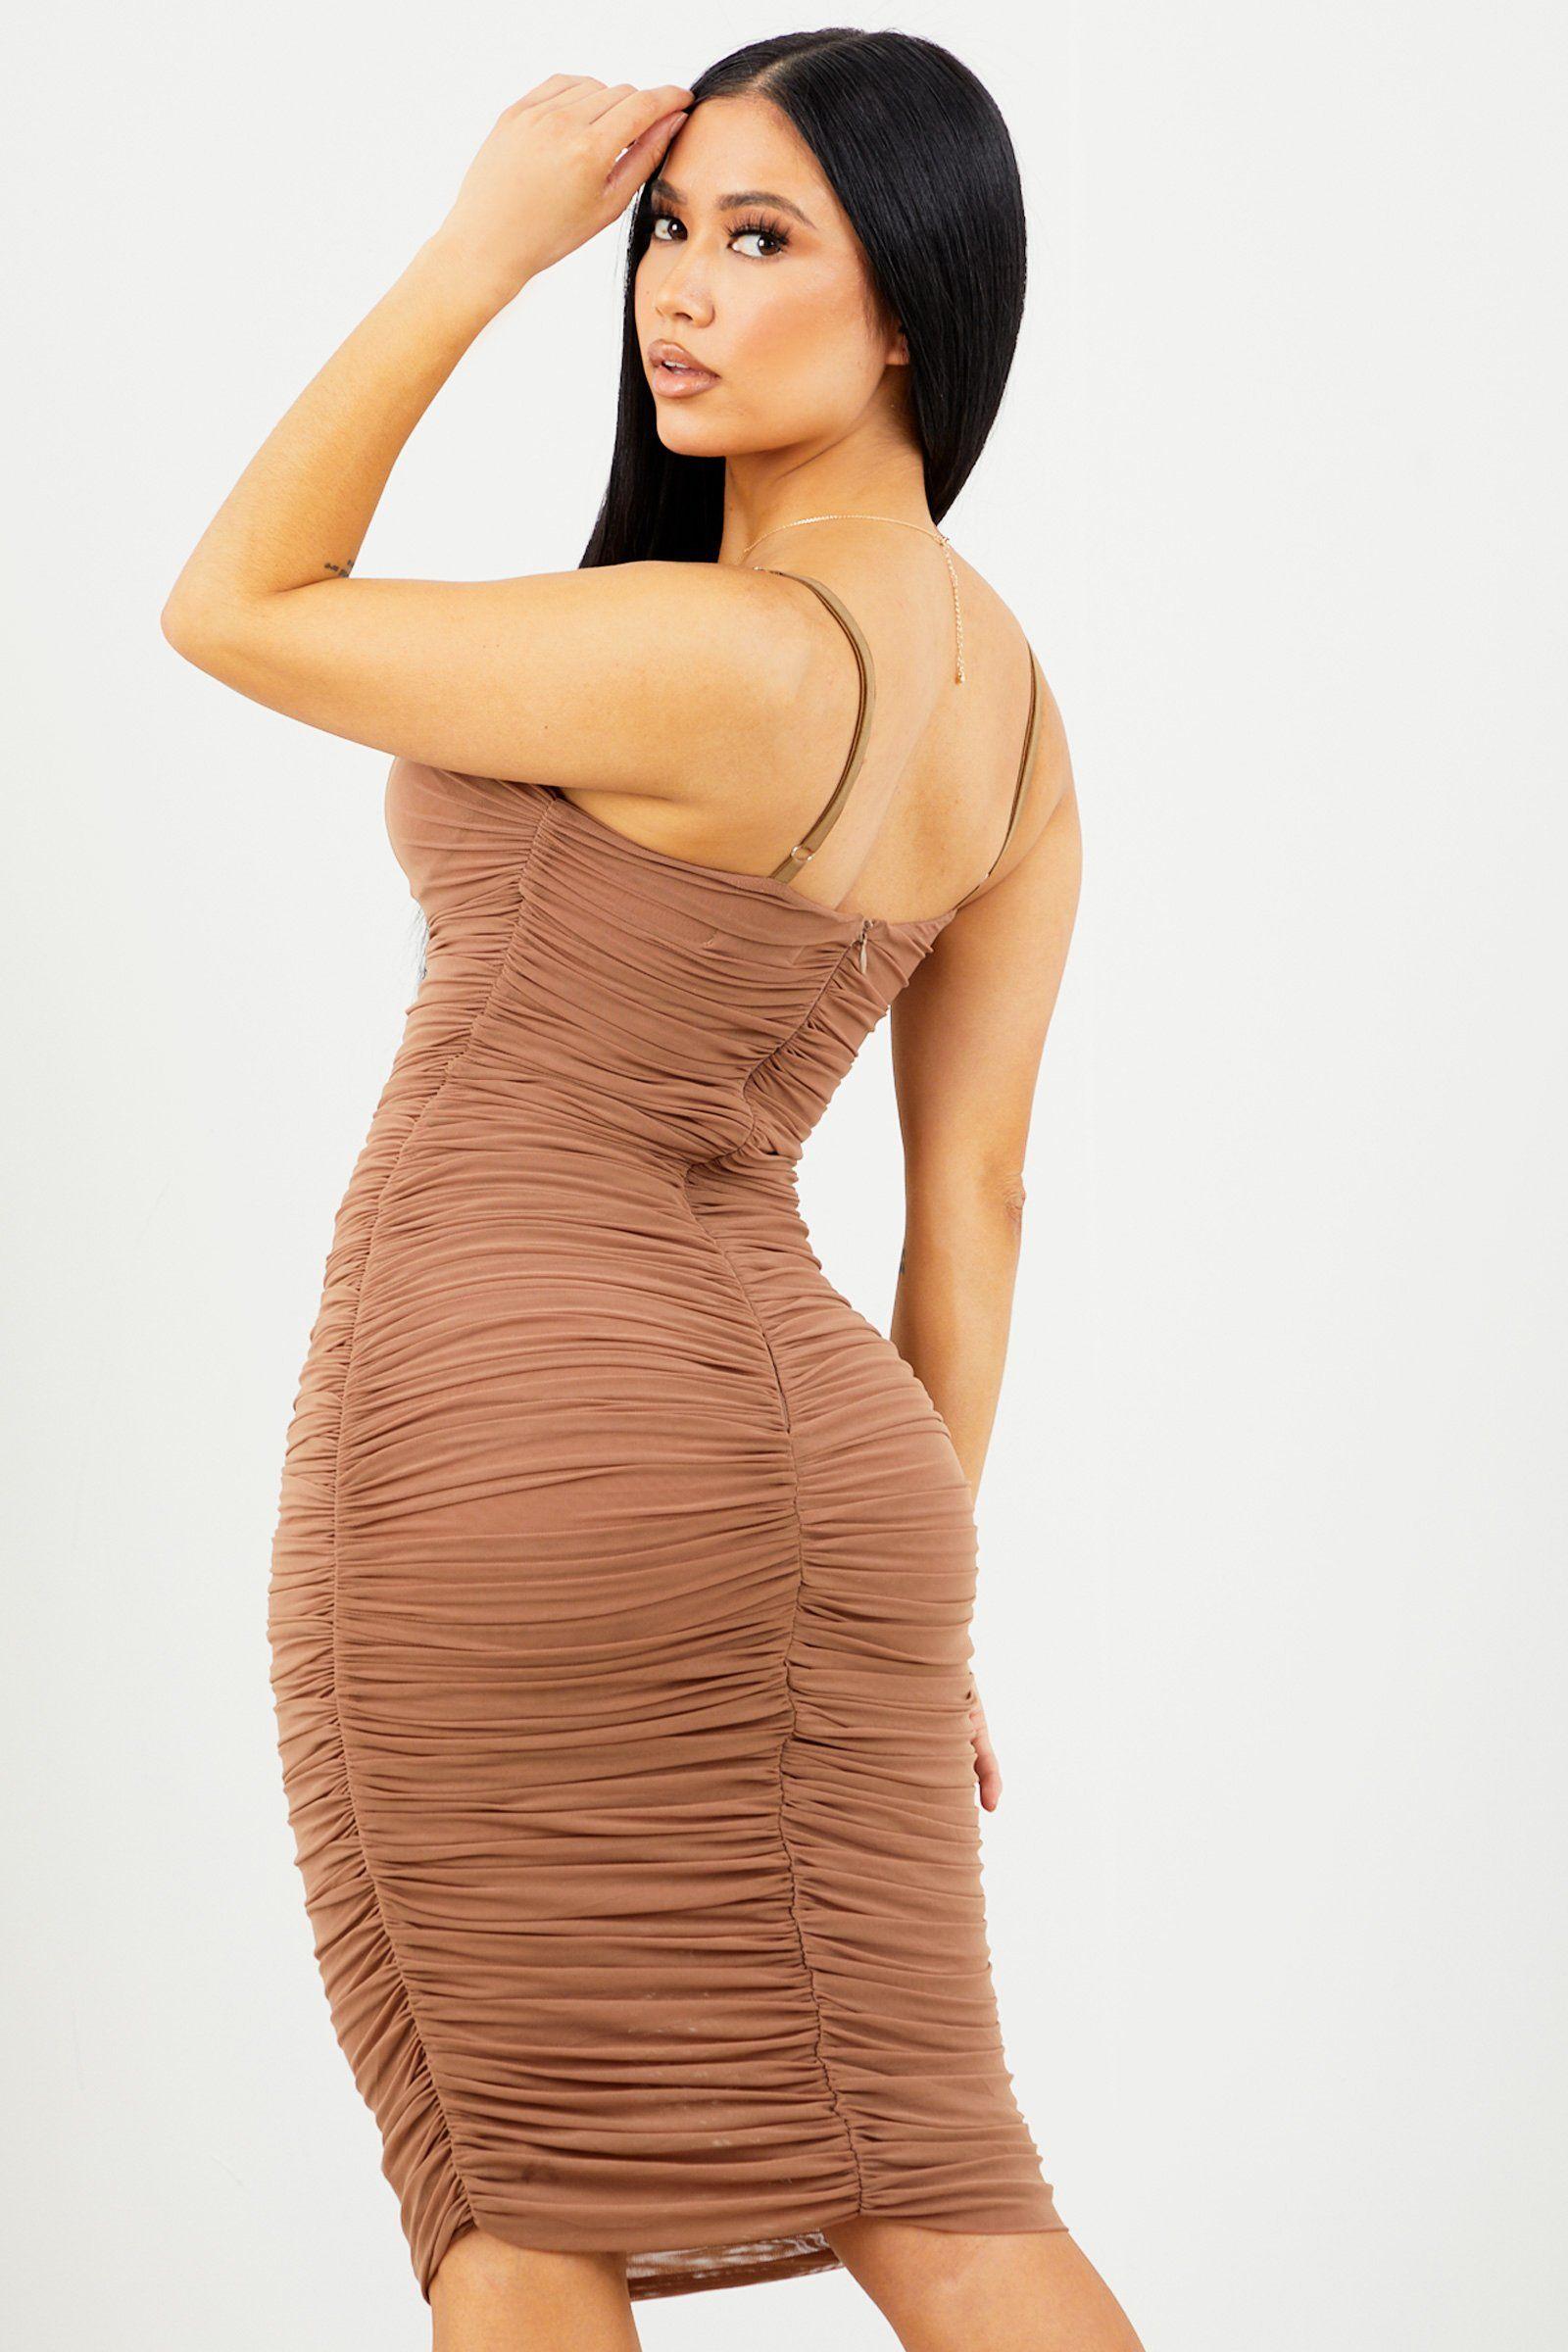 Tan Ruched Midi Dress Sosorella Ruched Midi Dress Midi Dress Dresses [ 2400 x 1600 Pixel ]